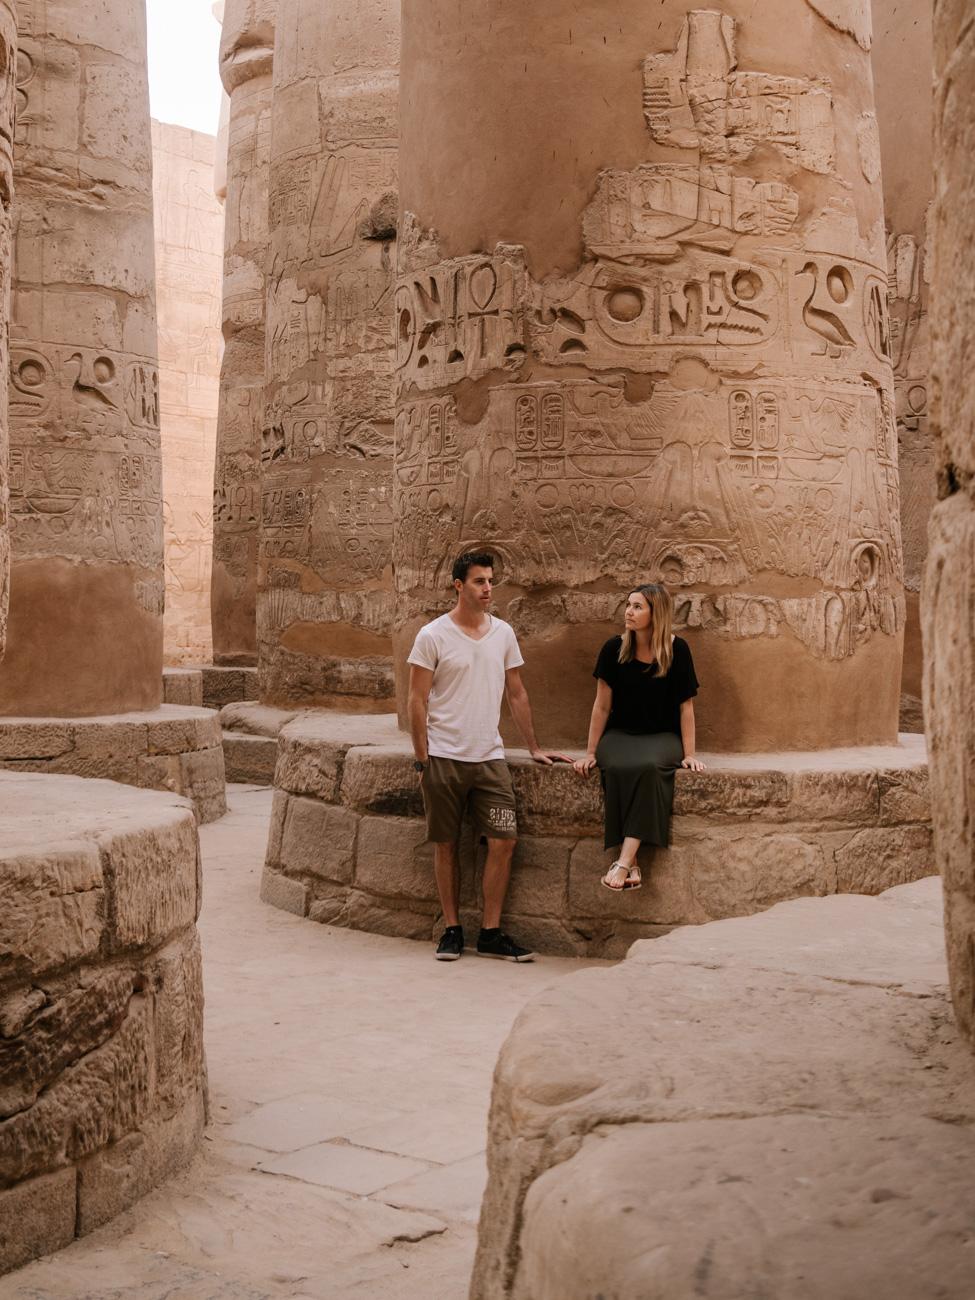 Karnak Temple highlights of Egypt